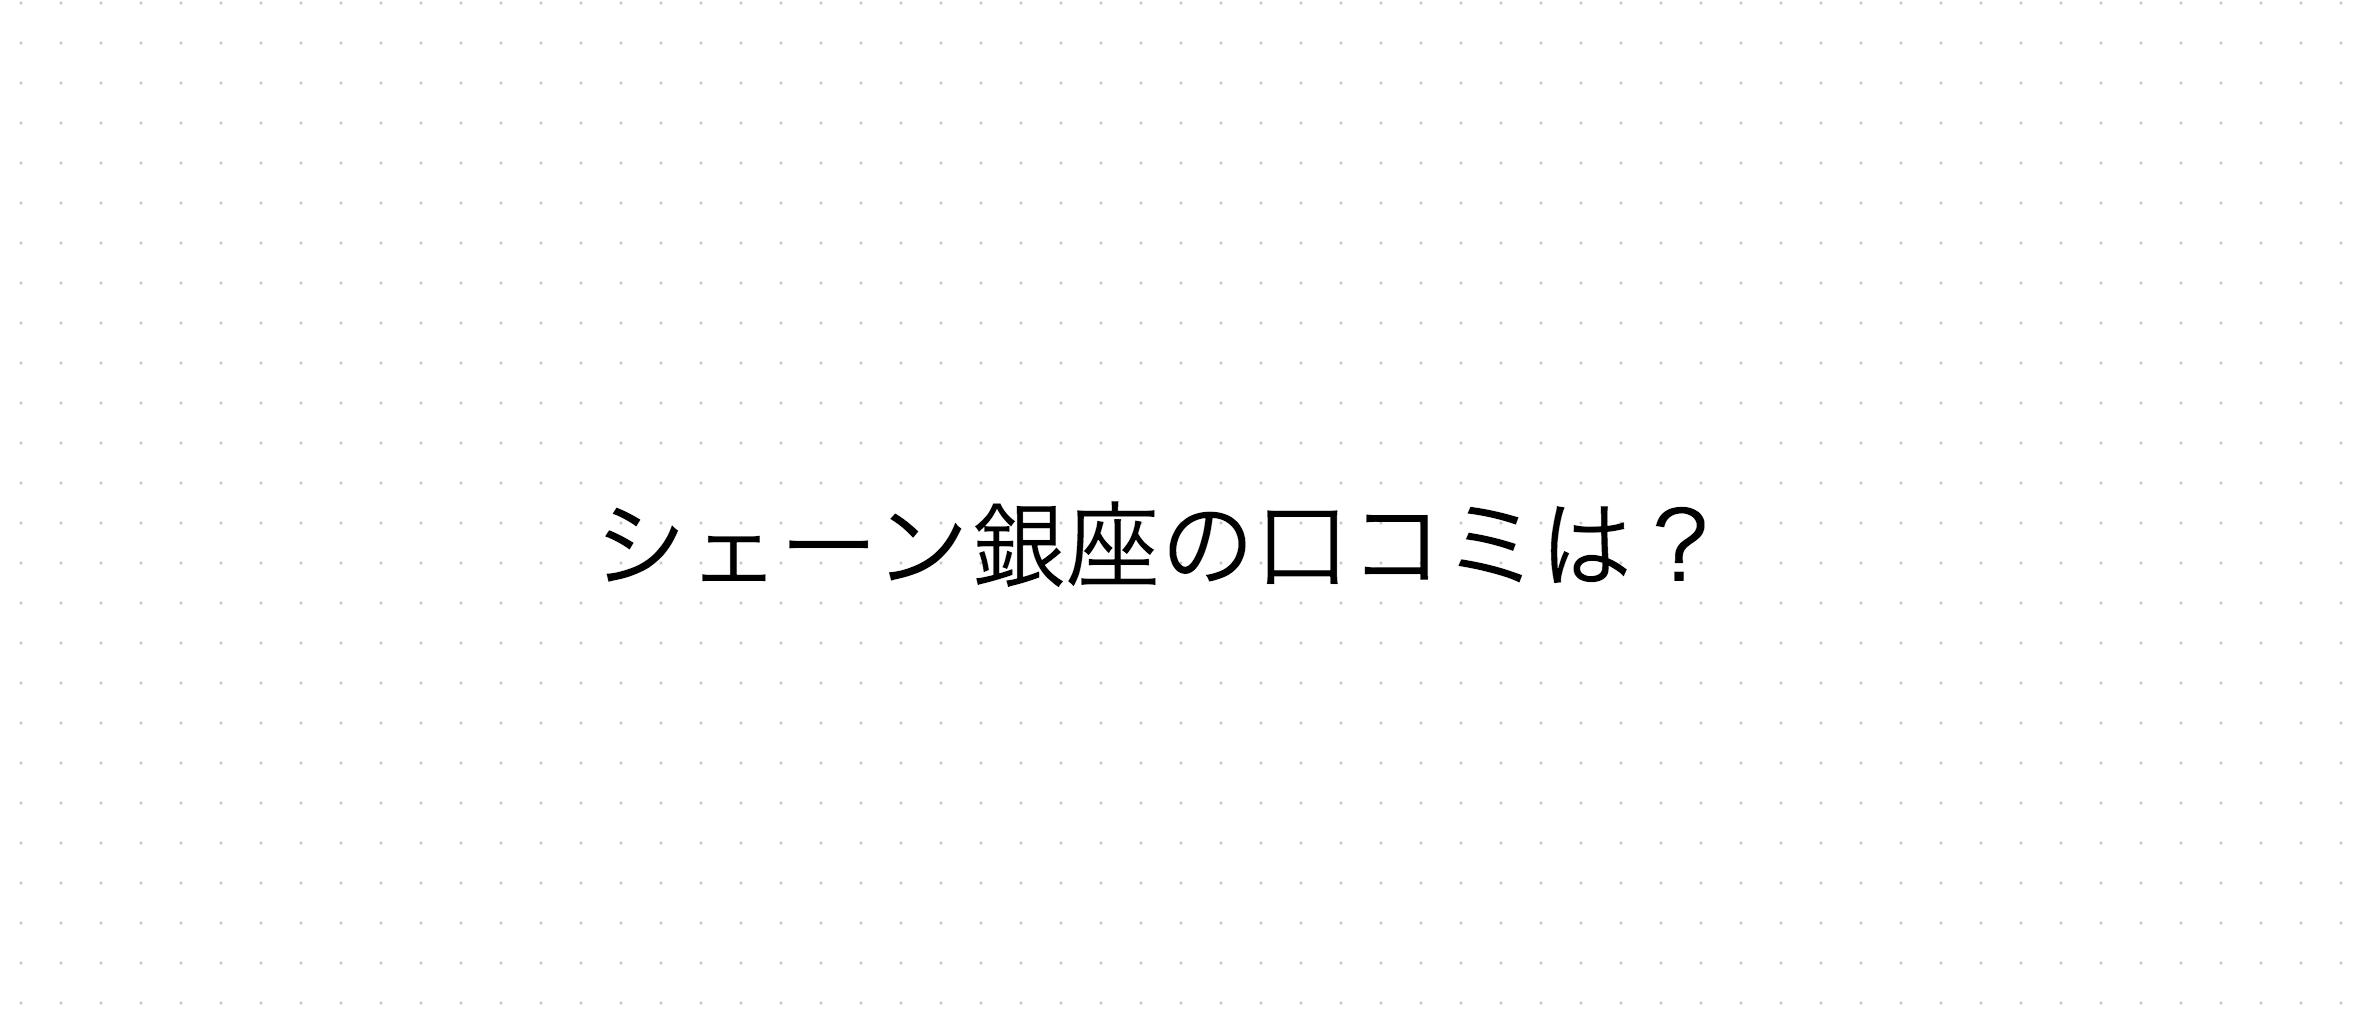 【徹底調査】シェーン英会話(銀座本校)の口コミや評判は?